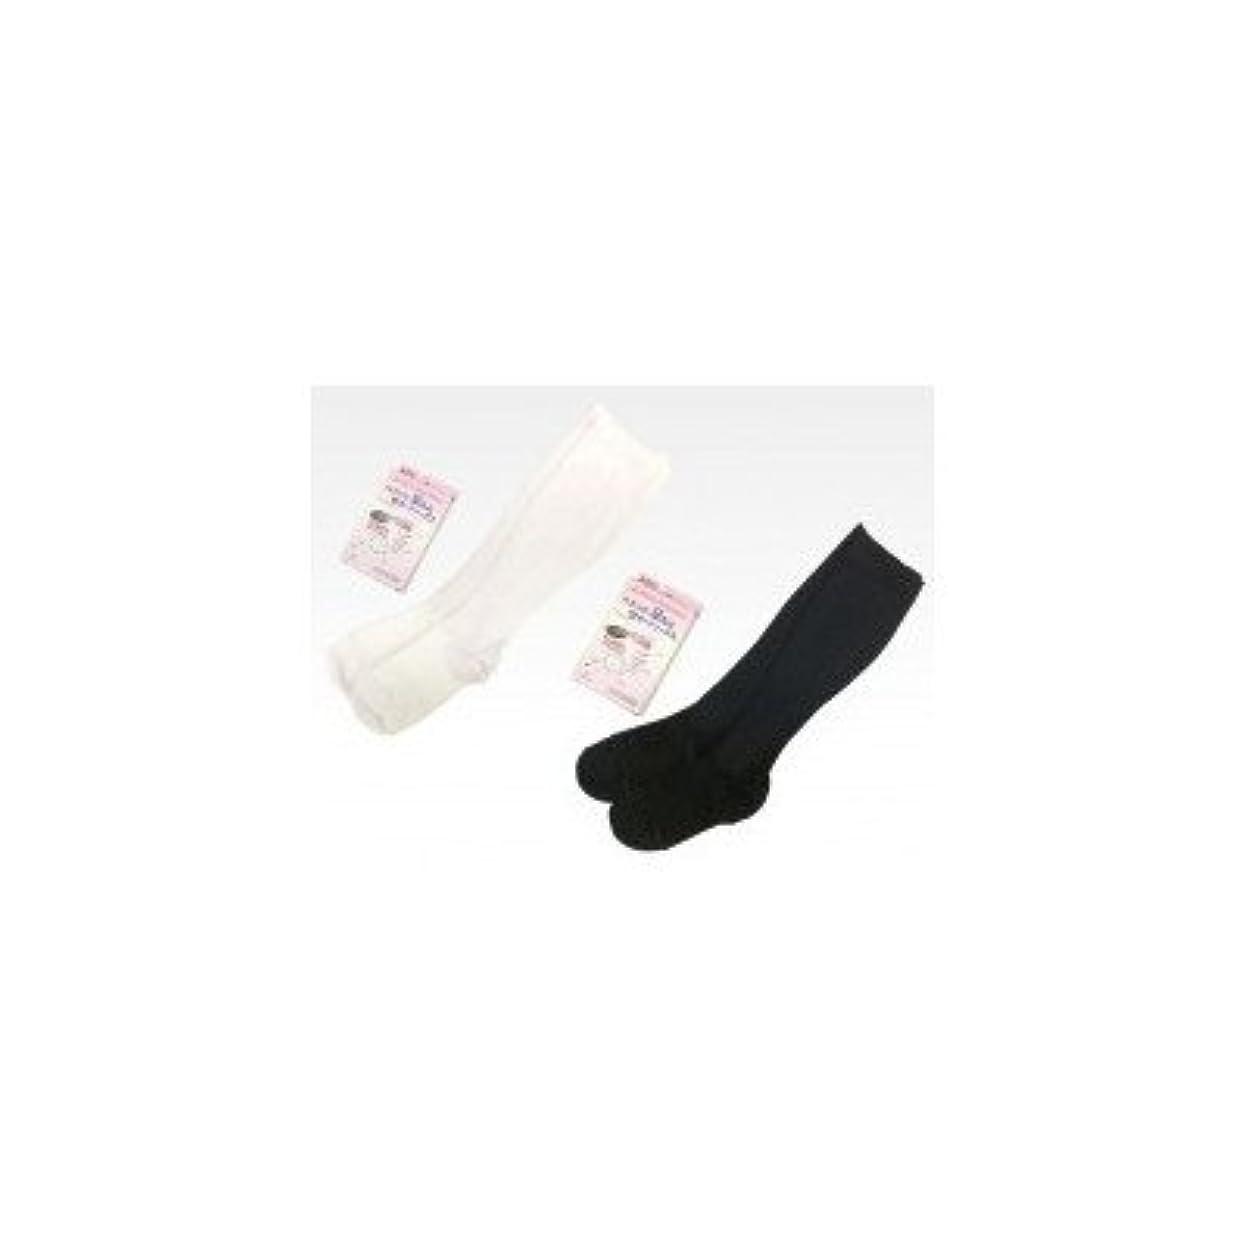 丈夫ぼかし消費するハクゾウメディカル サポートソックス ハクゾウ足もとサポートソックス 2足セット ブラック-Sサイズ 3000091